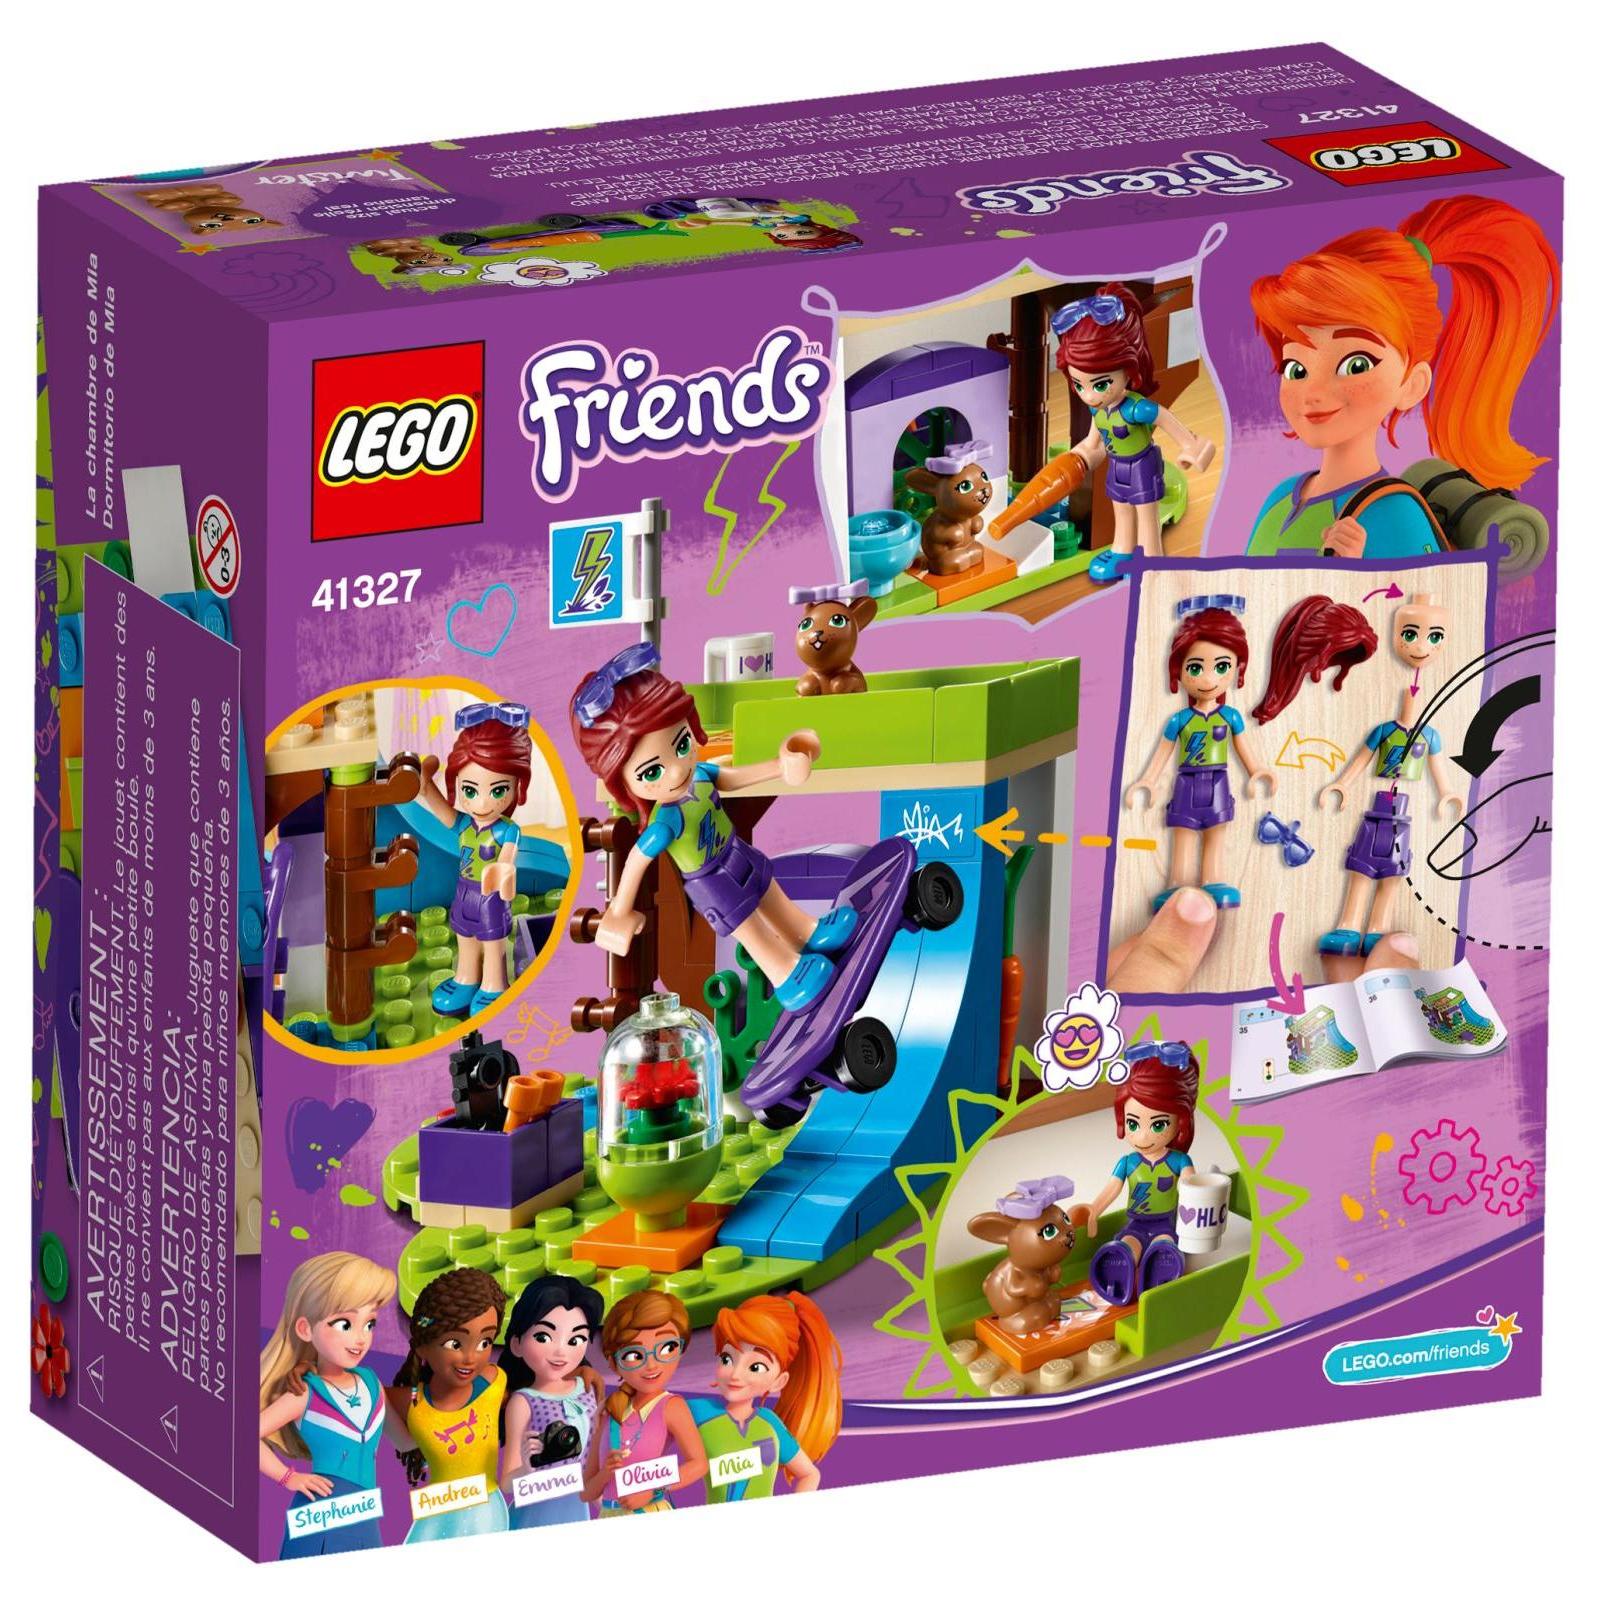 Конструктор LEGO Friends Спальня Мии (41327) изображение 8